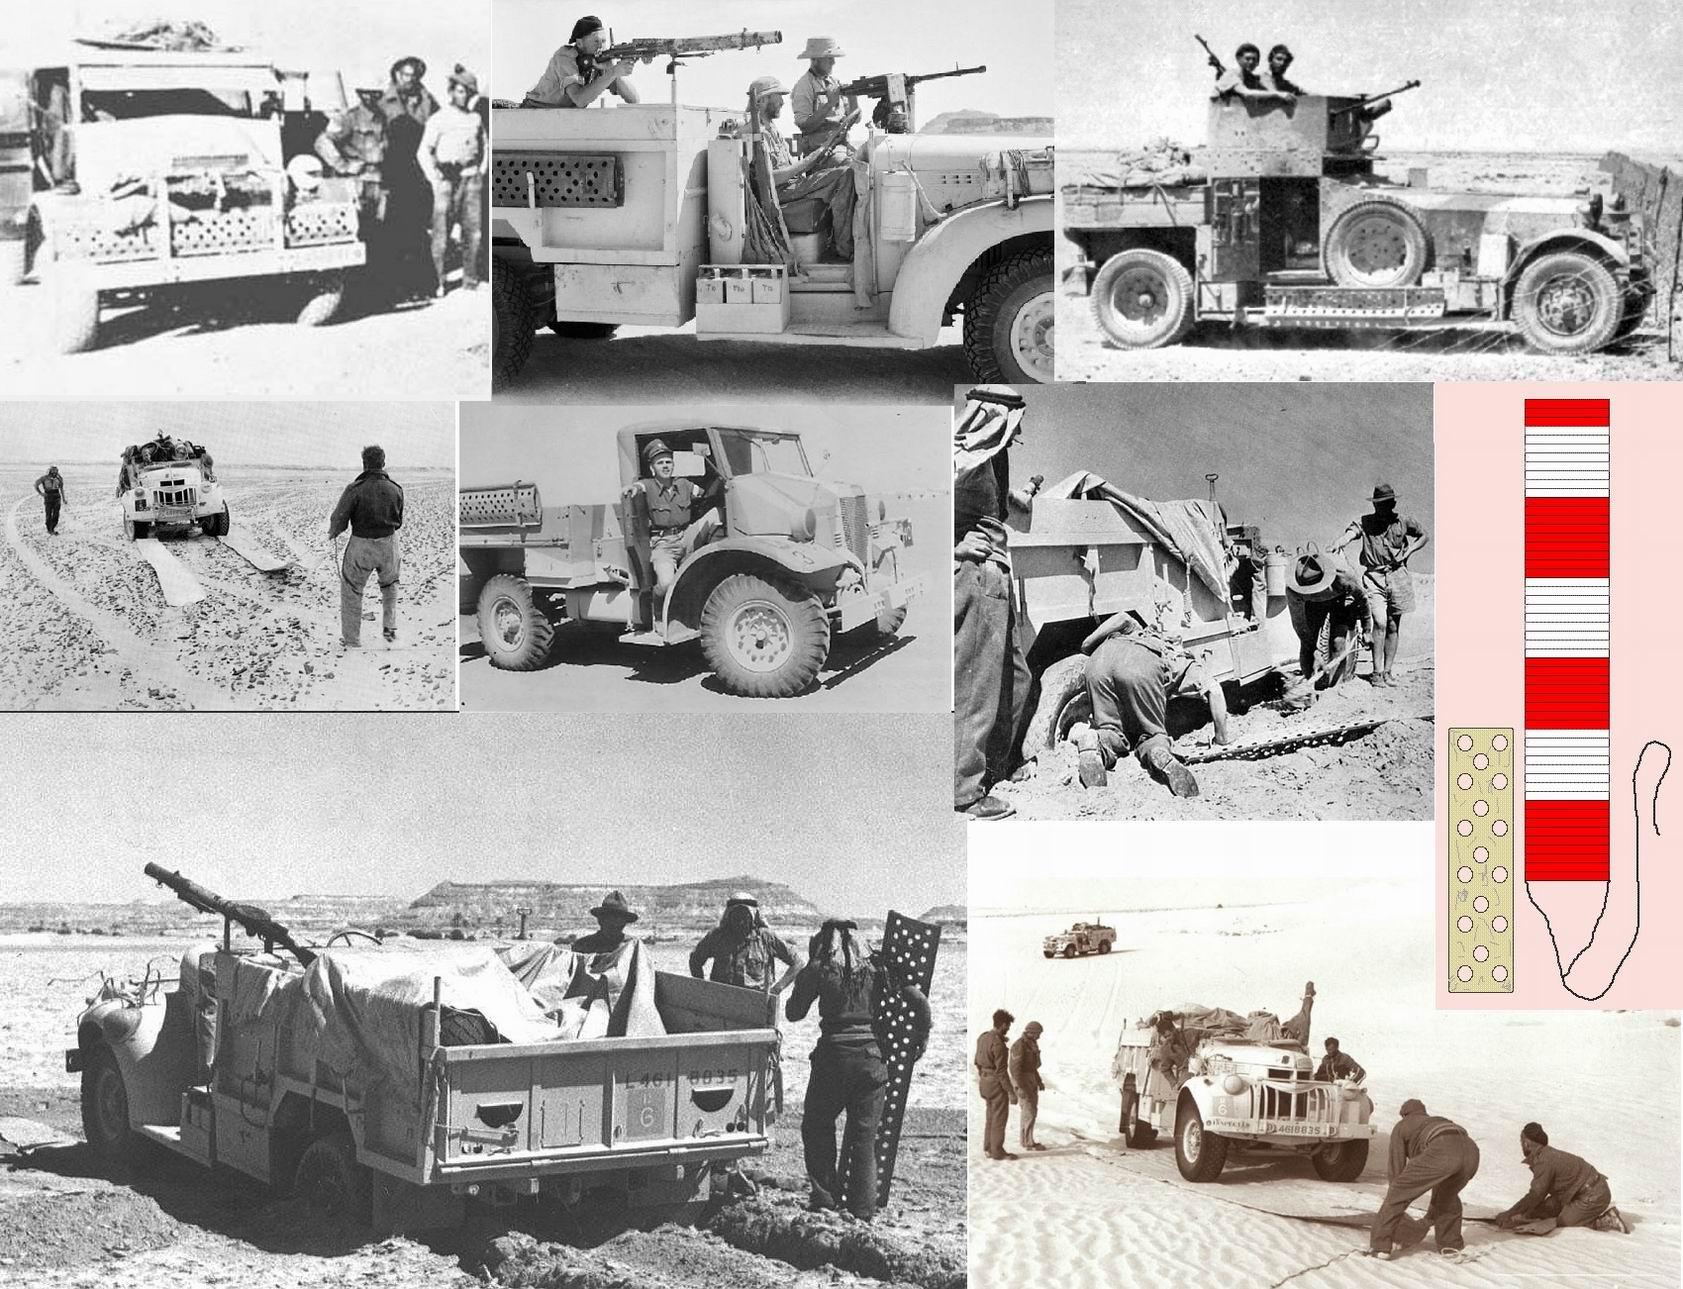 Настилы и маты для песка входили в комплект самовытаскивания и видны на многих фотографиях Северо-африканской кампании. С металлическими настилами понятно, а маты делали из крепкой парусины-канваса, часто одна сторона была песочного (или в цвет машины) цвета, а другая - красно-белая для быстрой идентификации с воздуха.